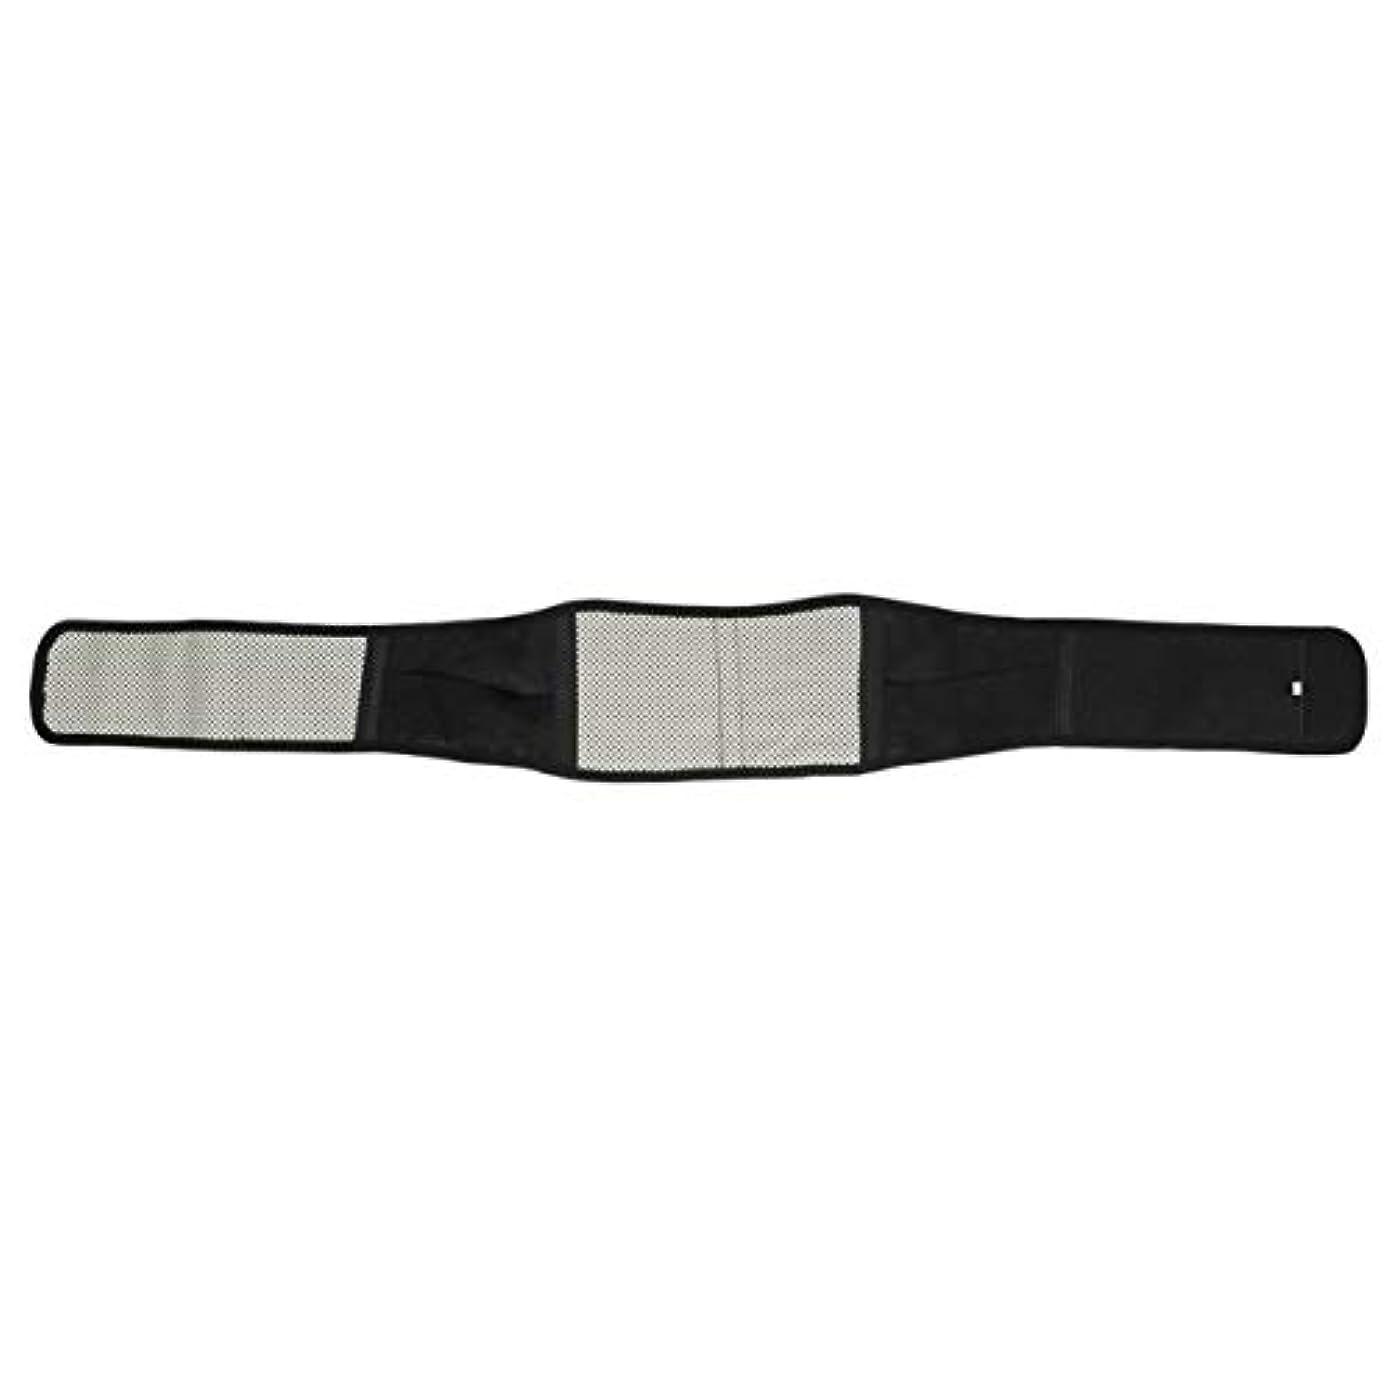 怠治世主権者DeeploveUU 腰椎サポートペインマッサージャー赤外線磁気バックブレース自己発熱療法ウエストベルト調節可能な姿勢ベルト